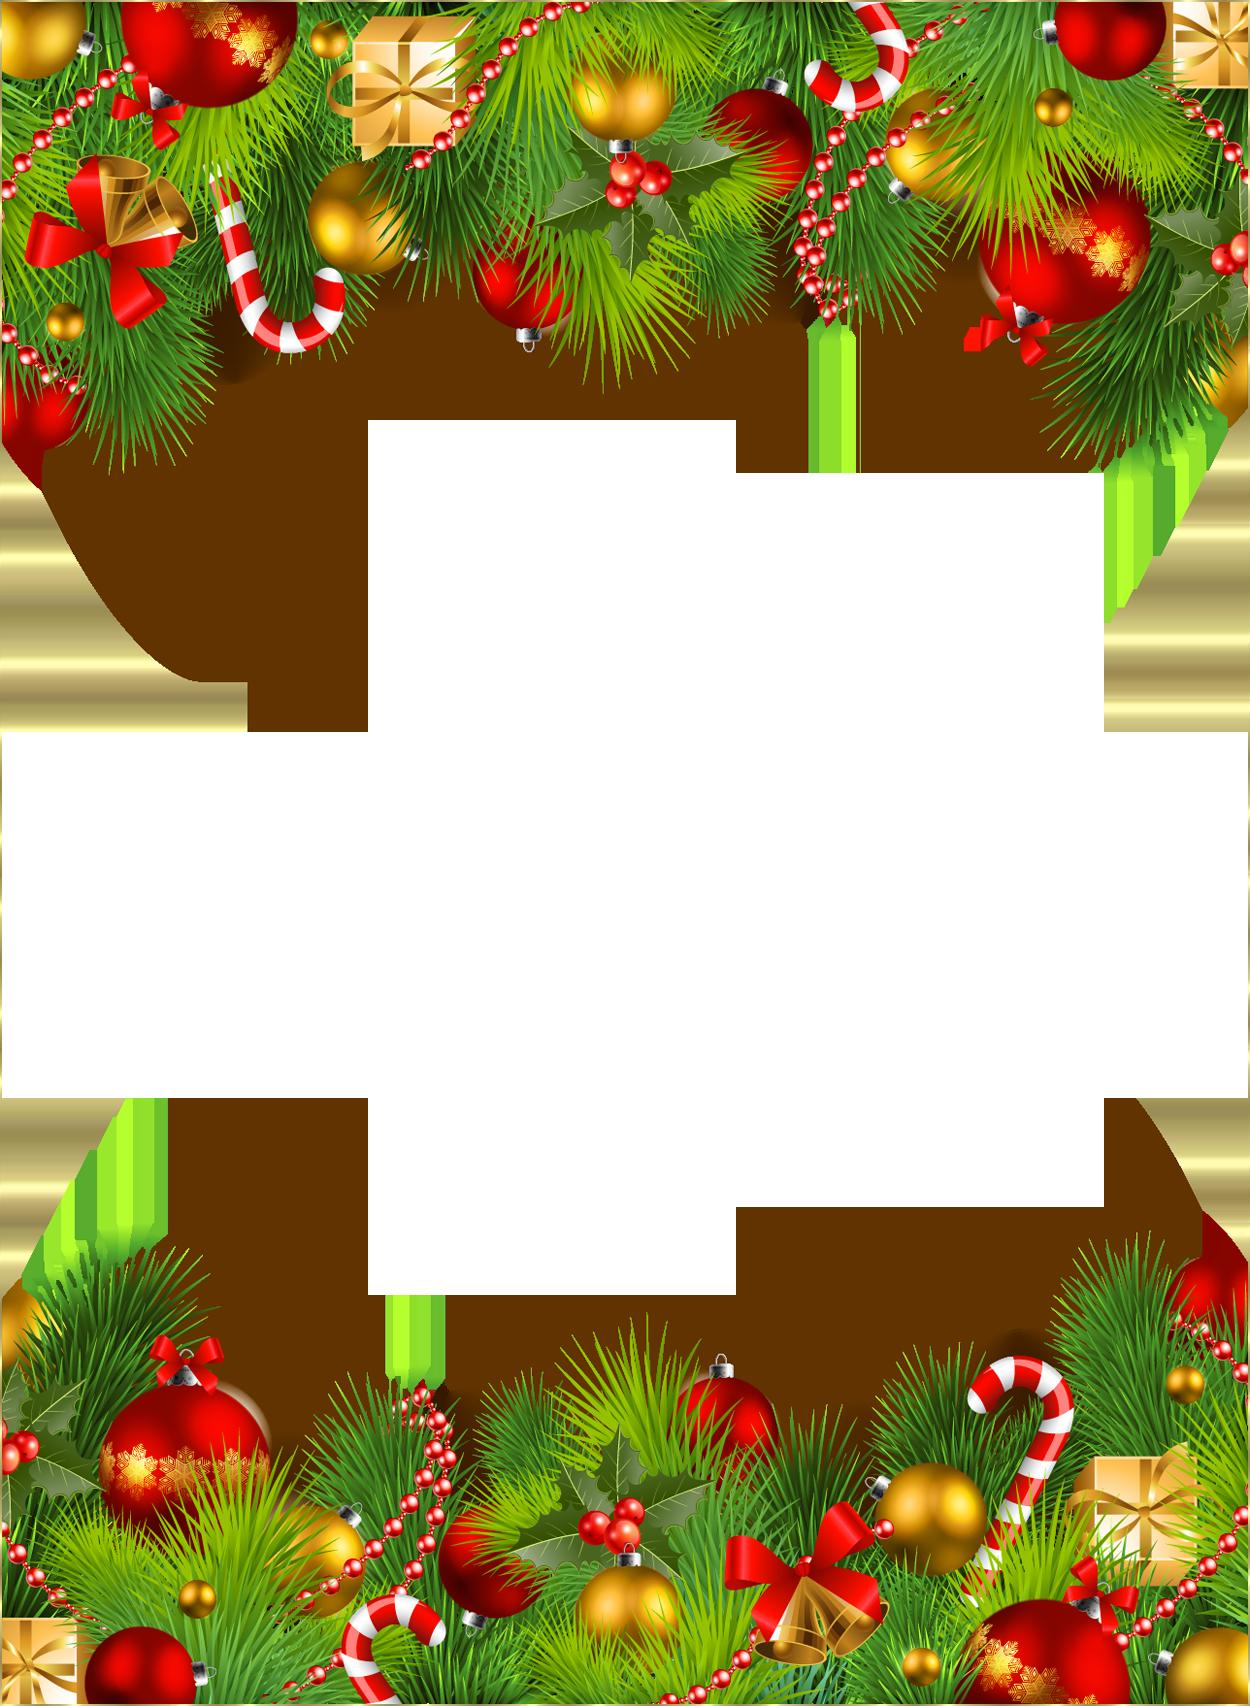 Christmas Gifts Png Image ima